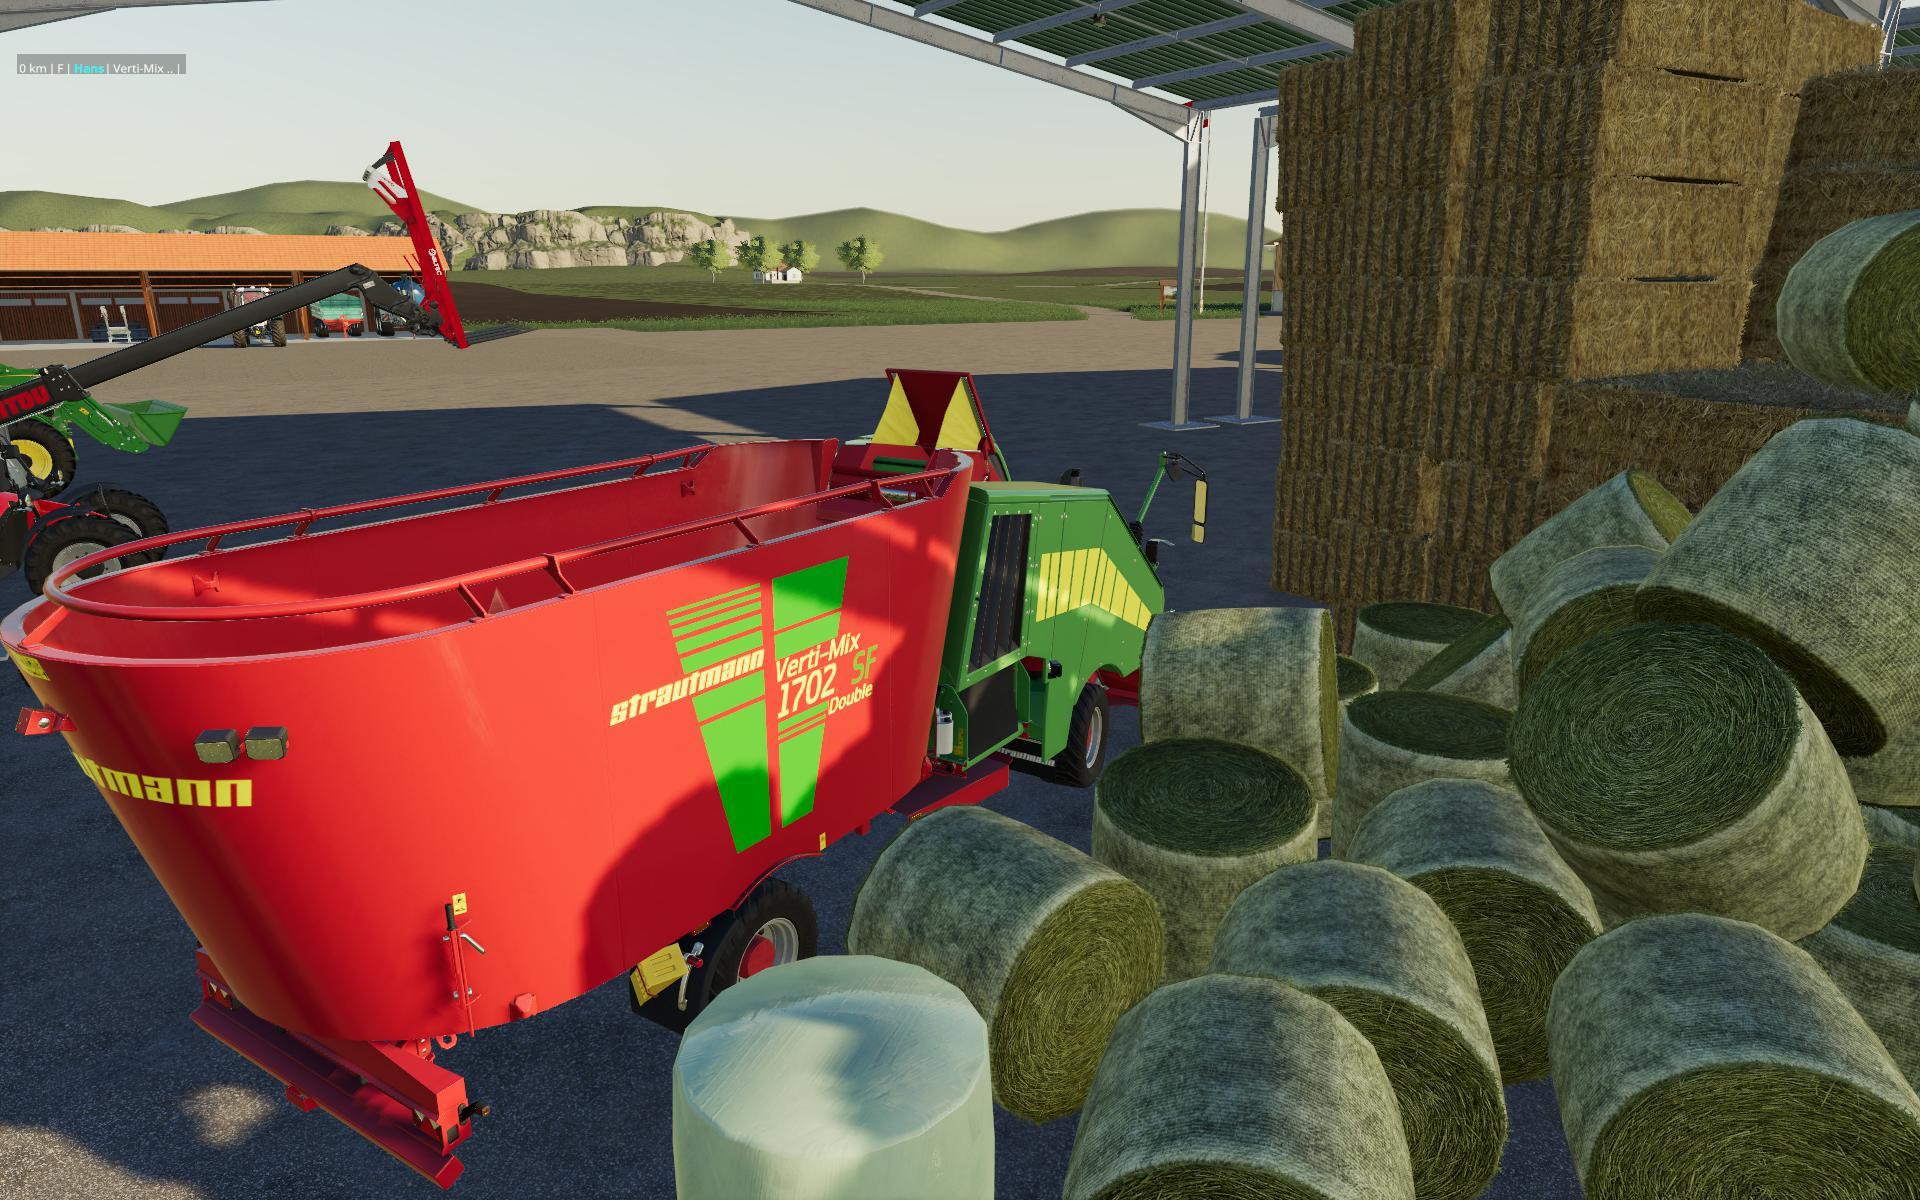 Strautmann VertiMix 1702 Autoload v1 0 0 0 FS19 - Farming